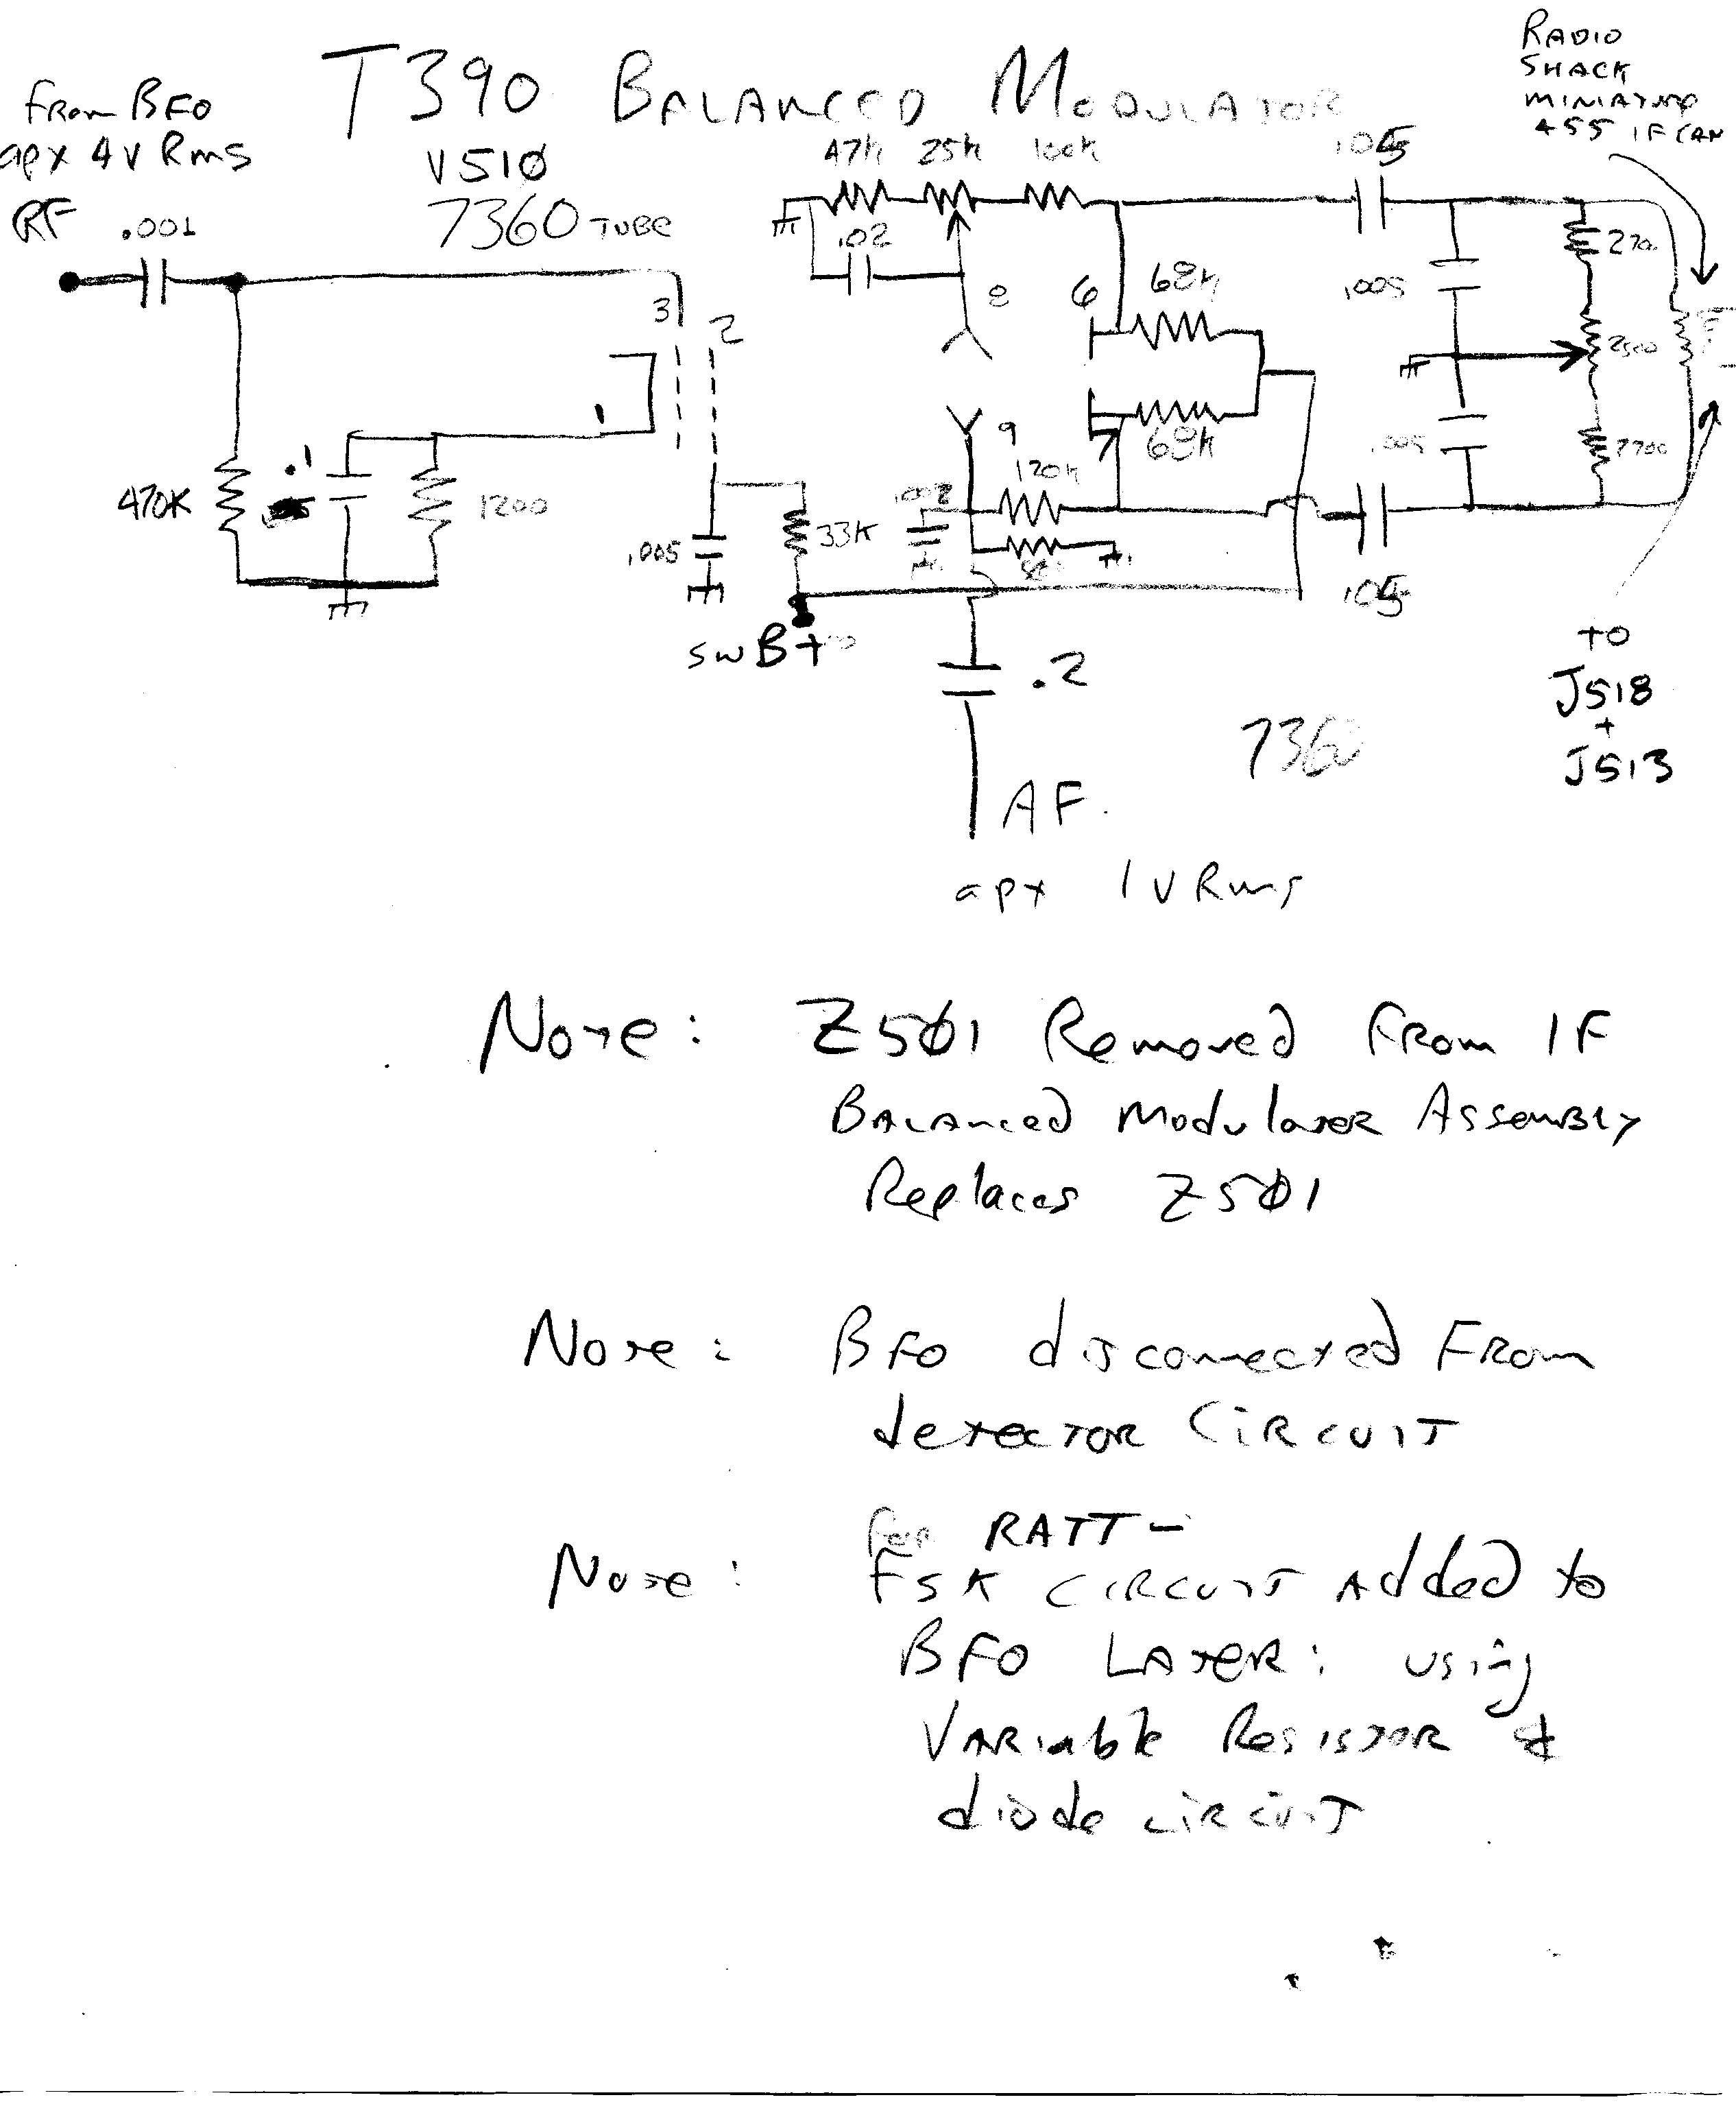 schematic diagram for rf modulator  schematic  free engine